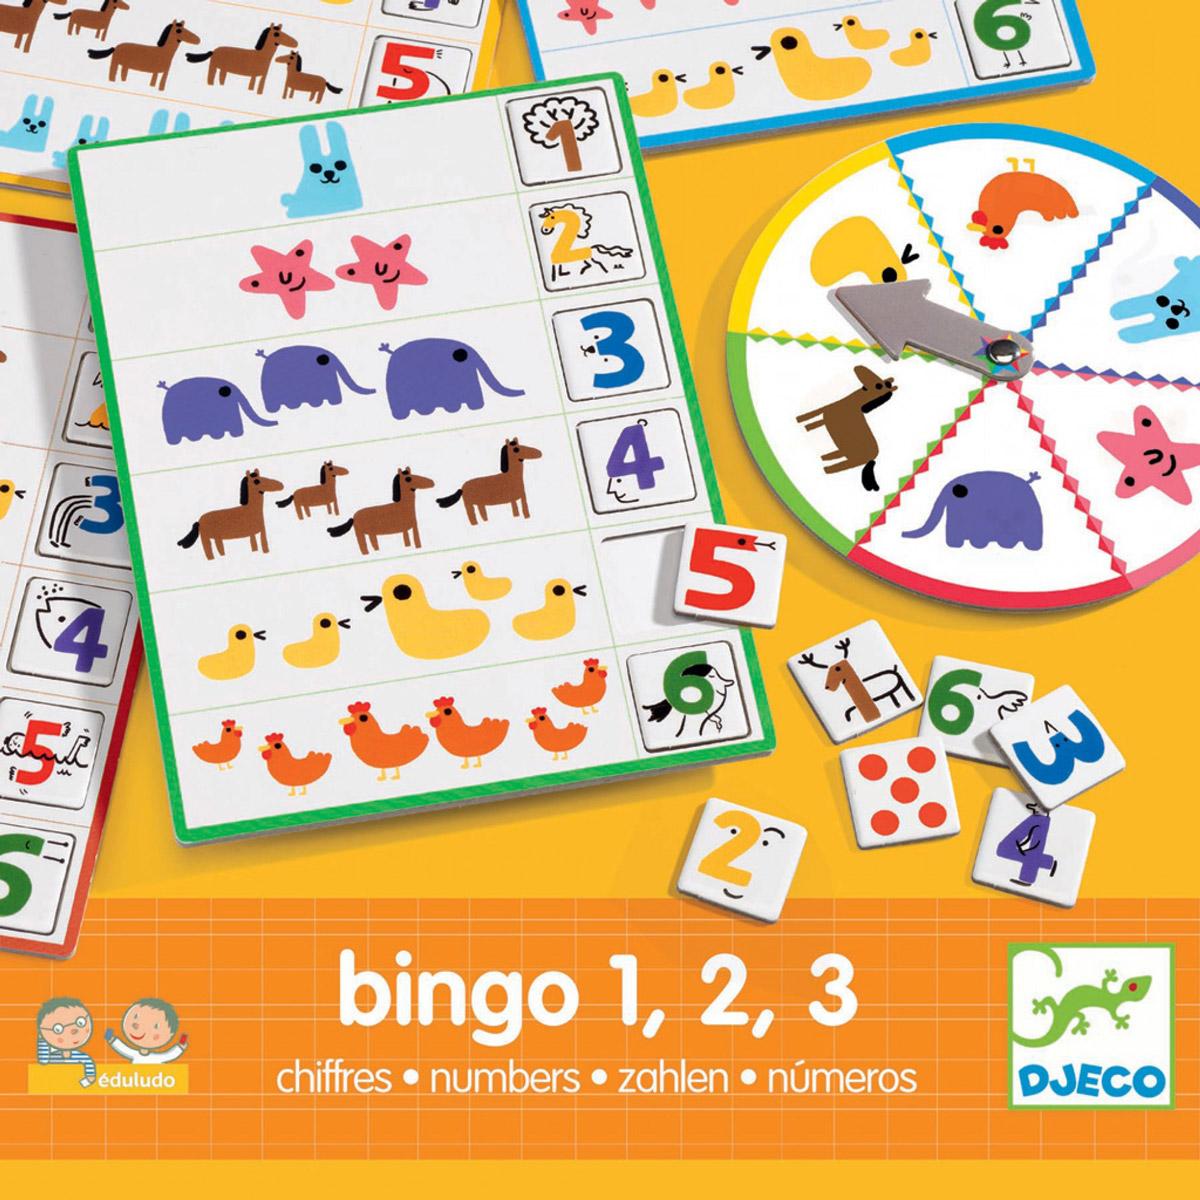 Djeco Обучающая игра Числа Бинго djeco обучающая игра счеты